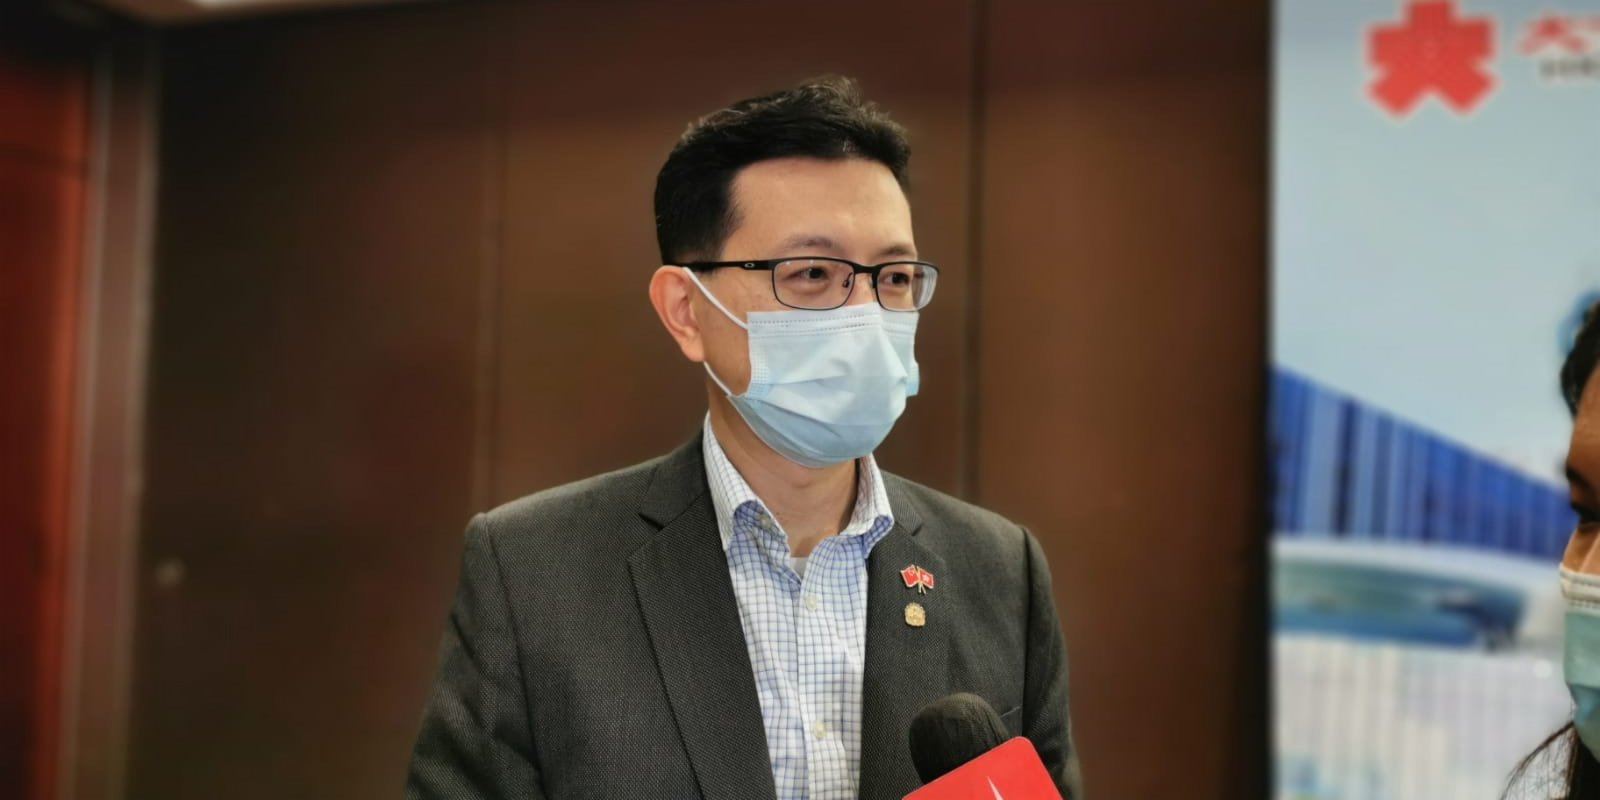 吳秋北:保就業須加強監管  政府應創造更多職位